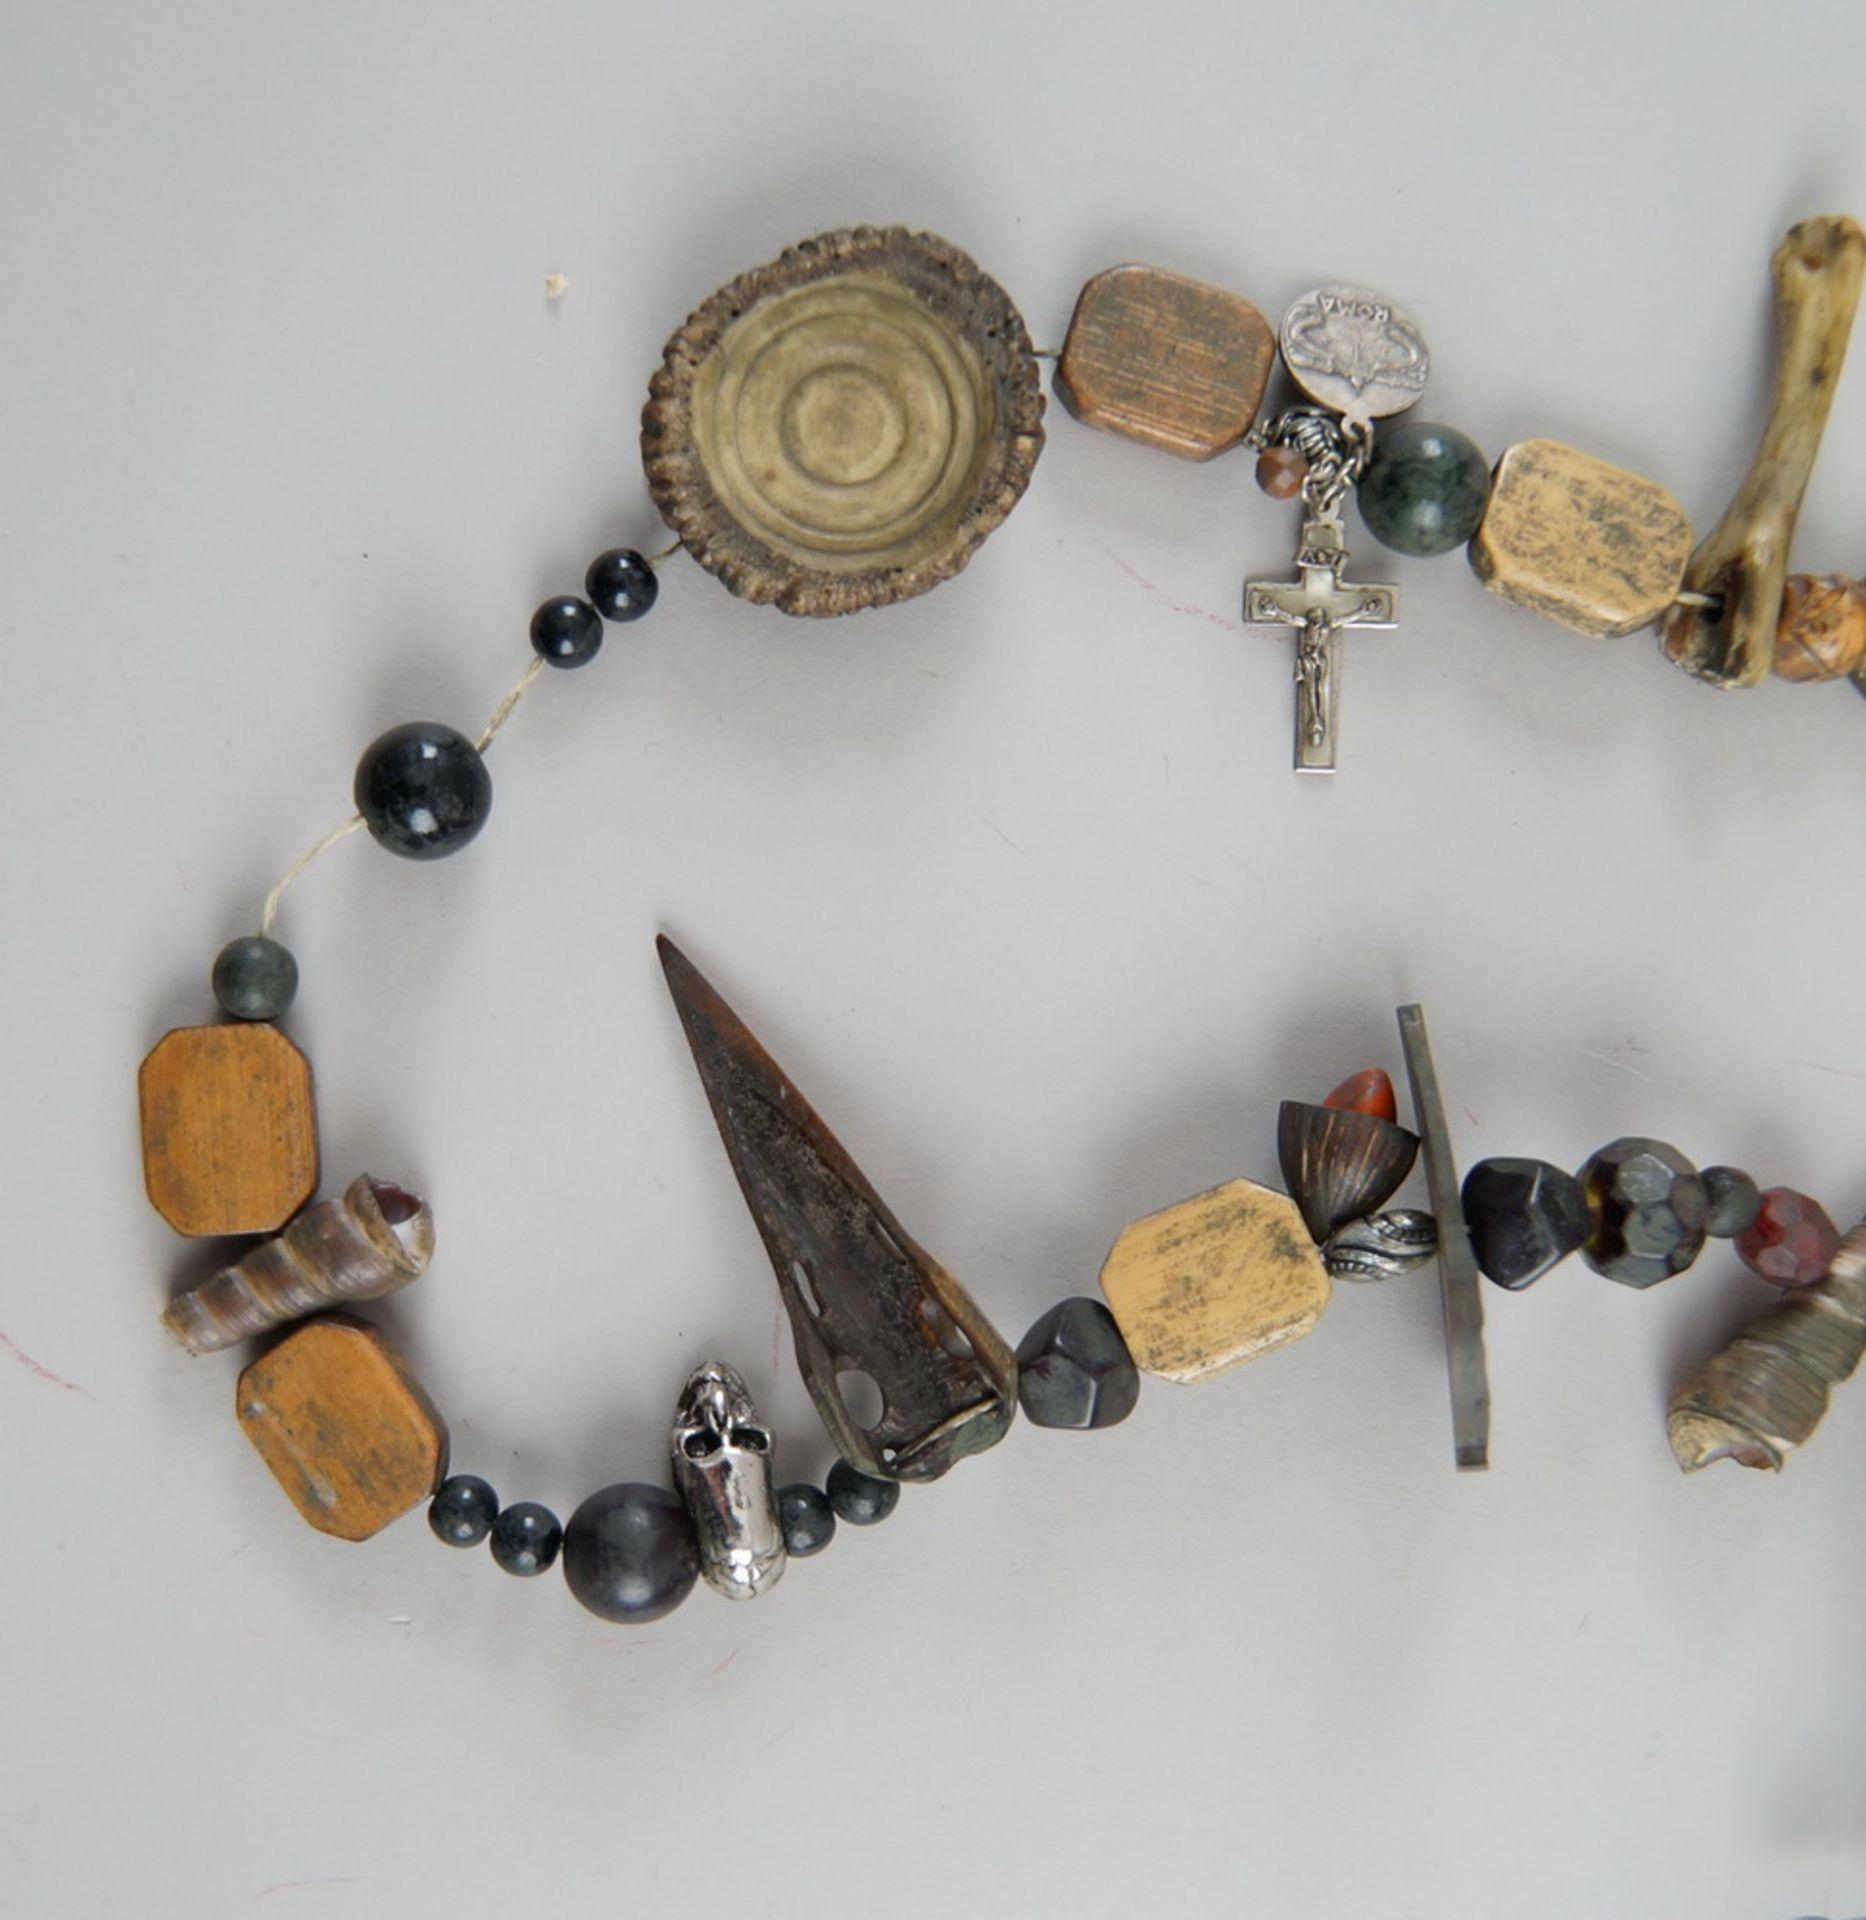 Los 4 - Fraisenkette mit verschiedenen Segenszeichen, L 78 cm